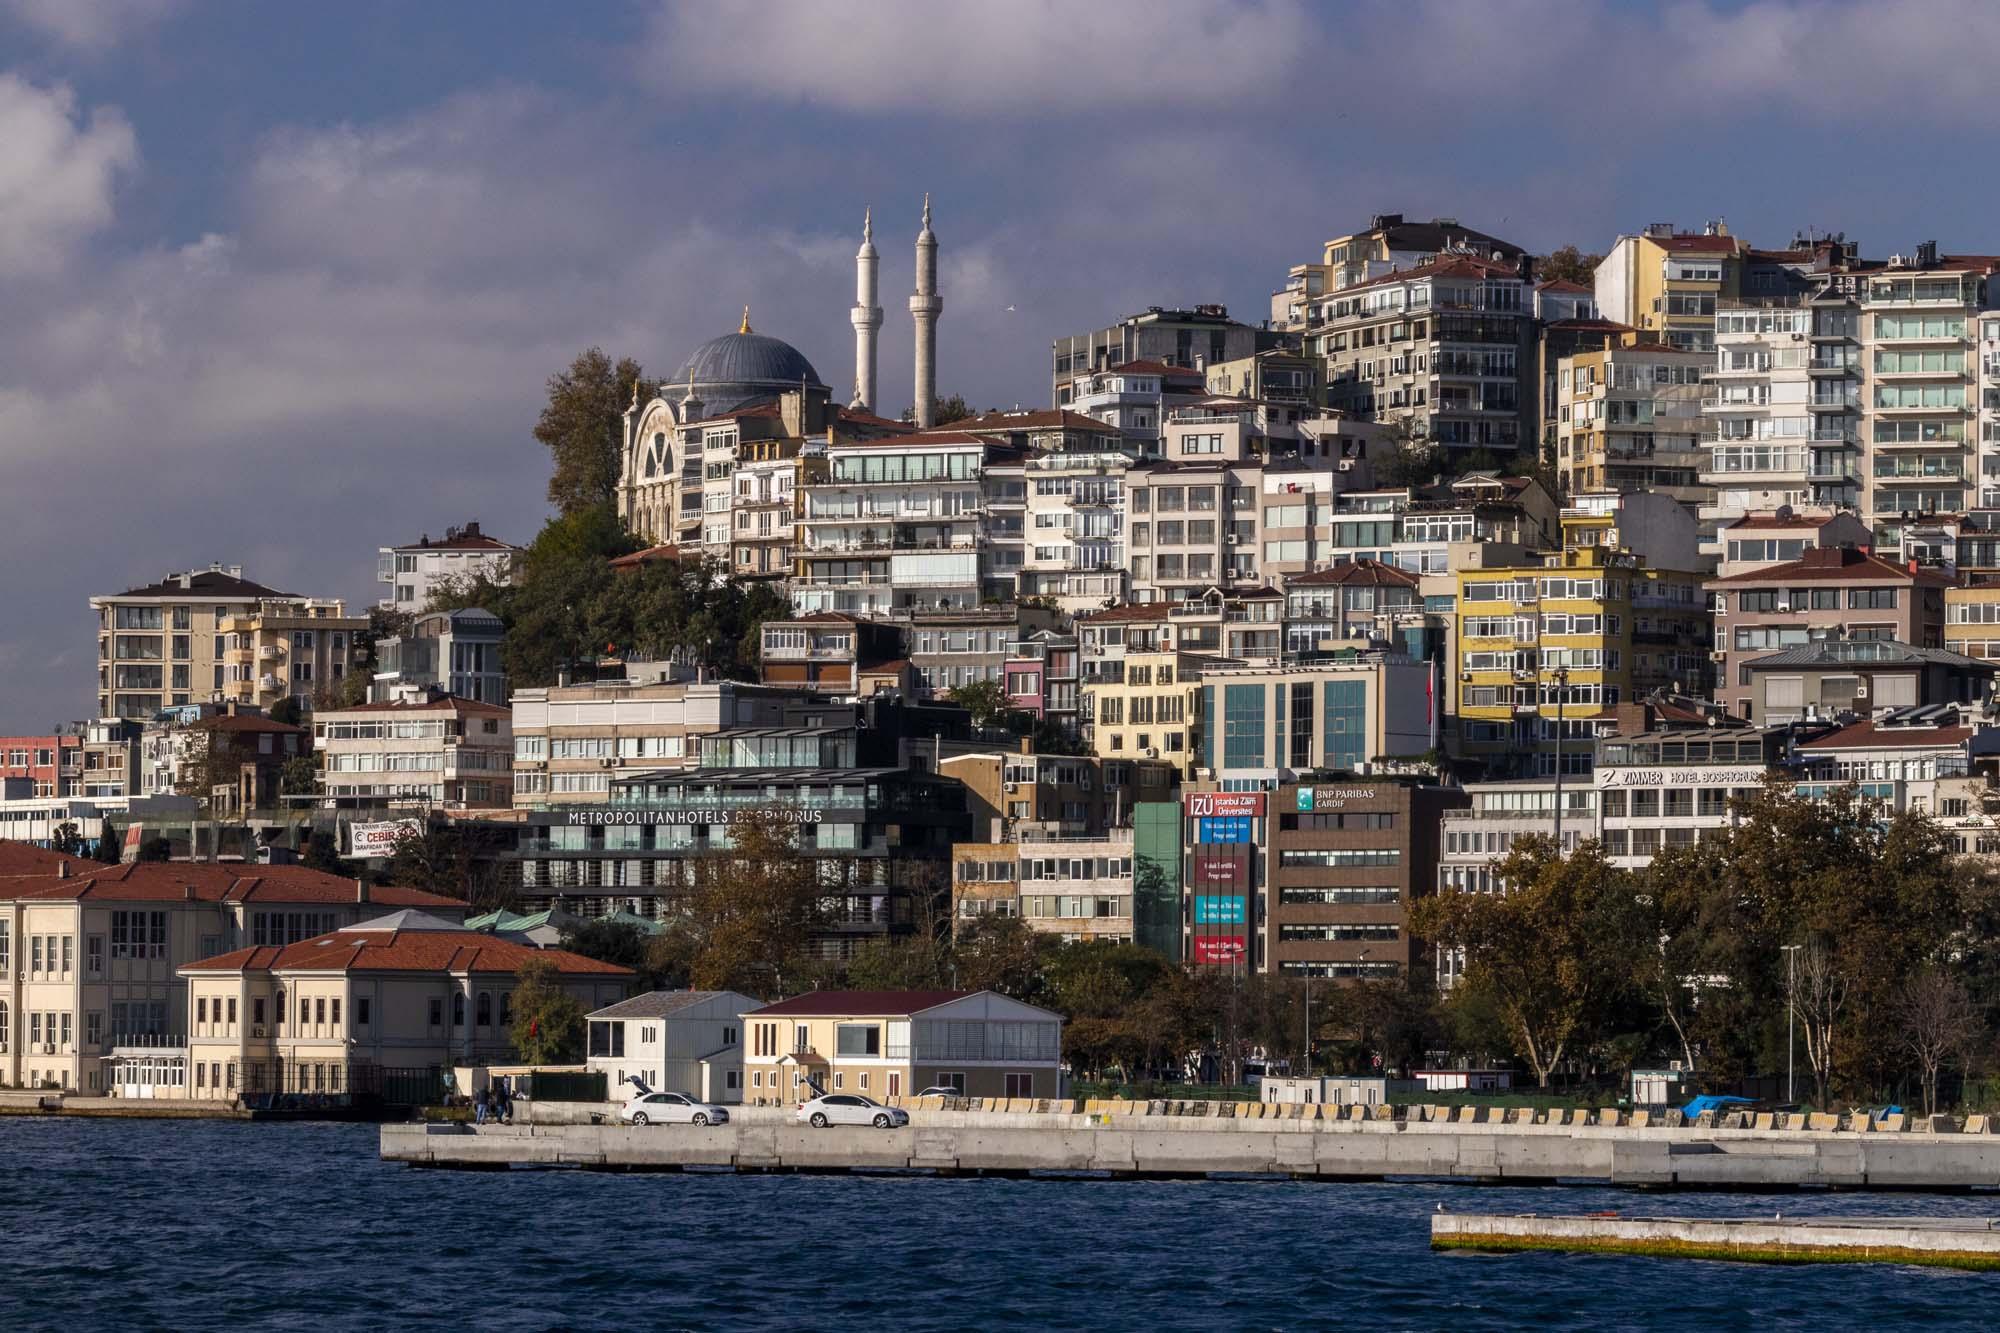 Quartier de Cihangir dans la ville d'İstanbul en Turquie